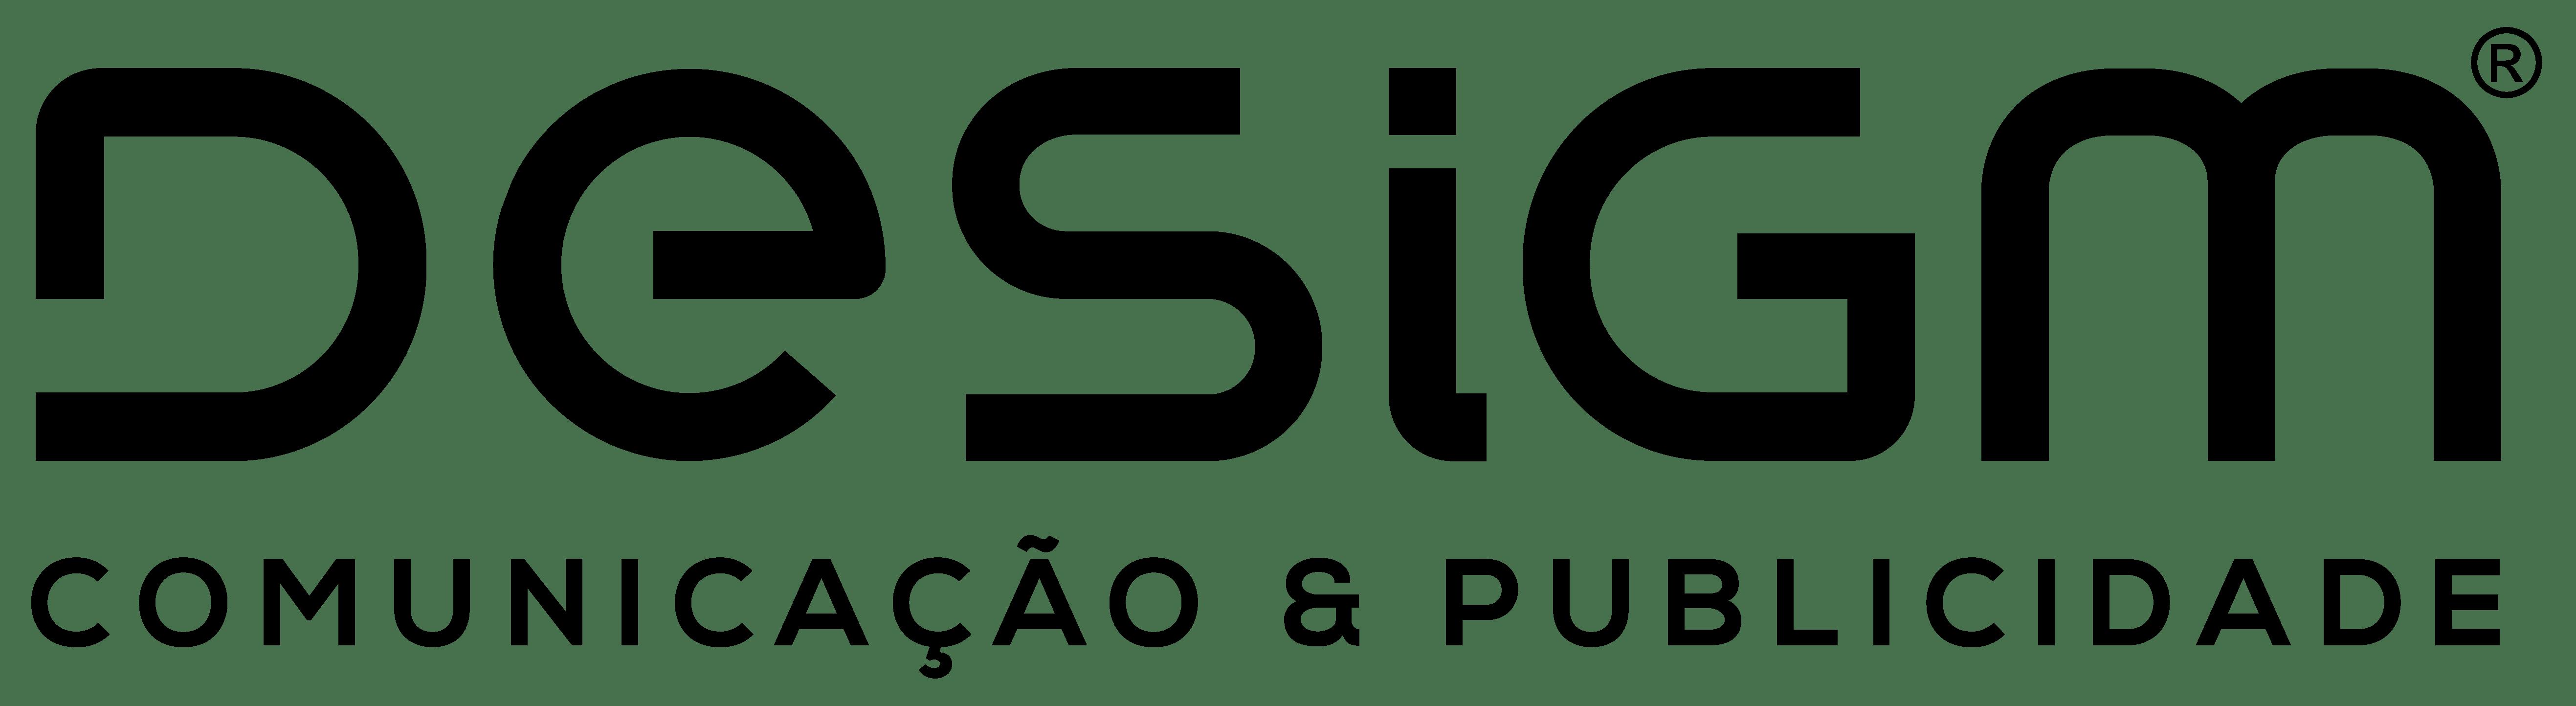 Desigm - Comunicação & Publicidade - Mangualde | Viseu